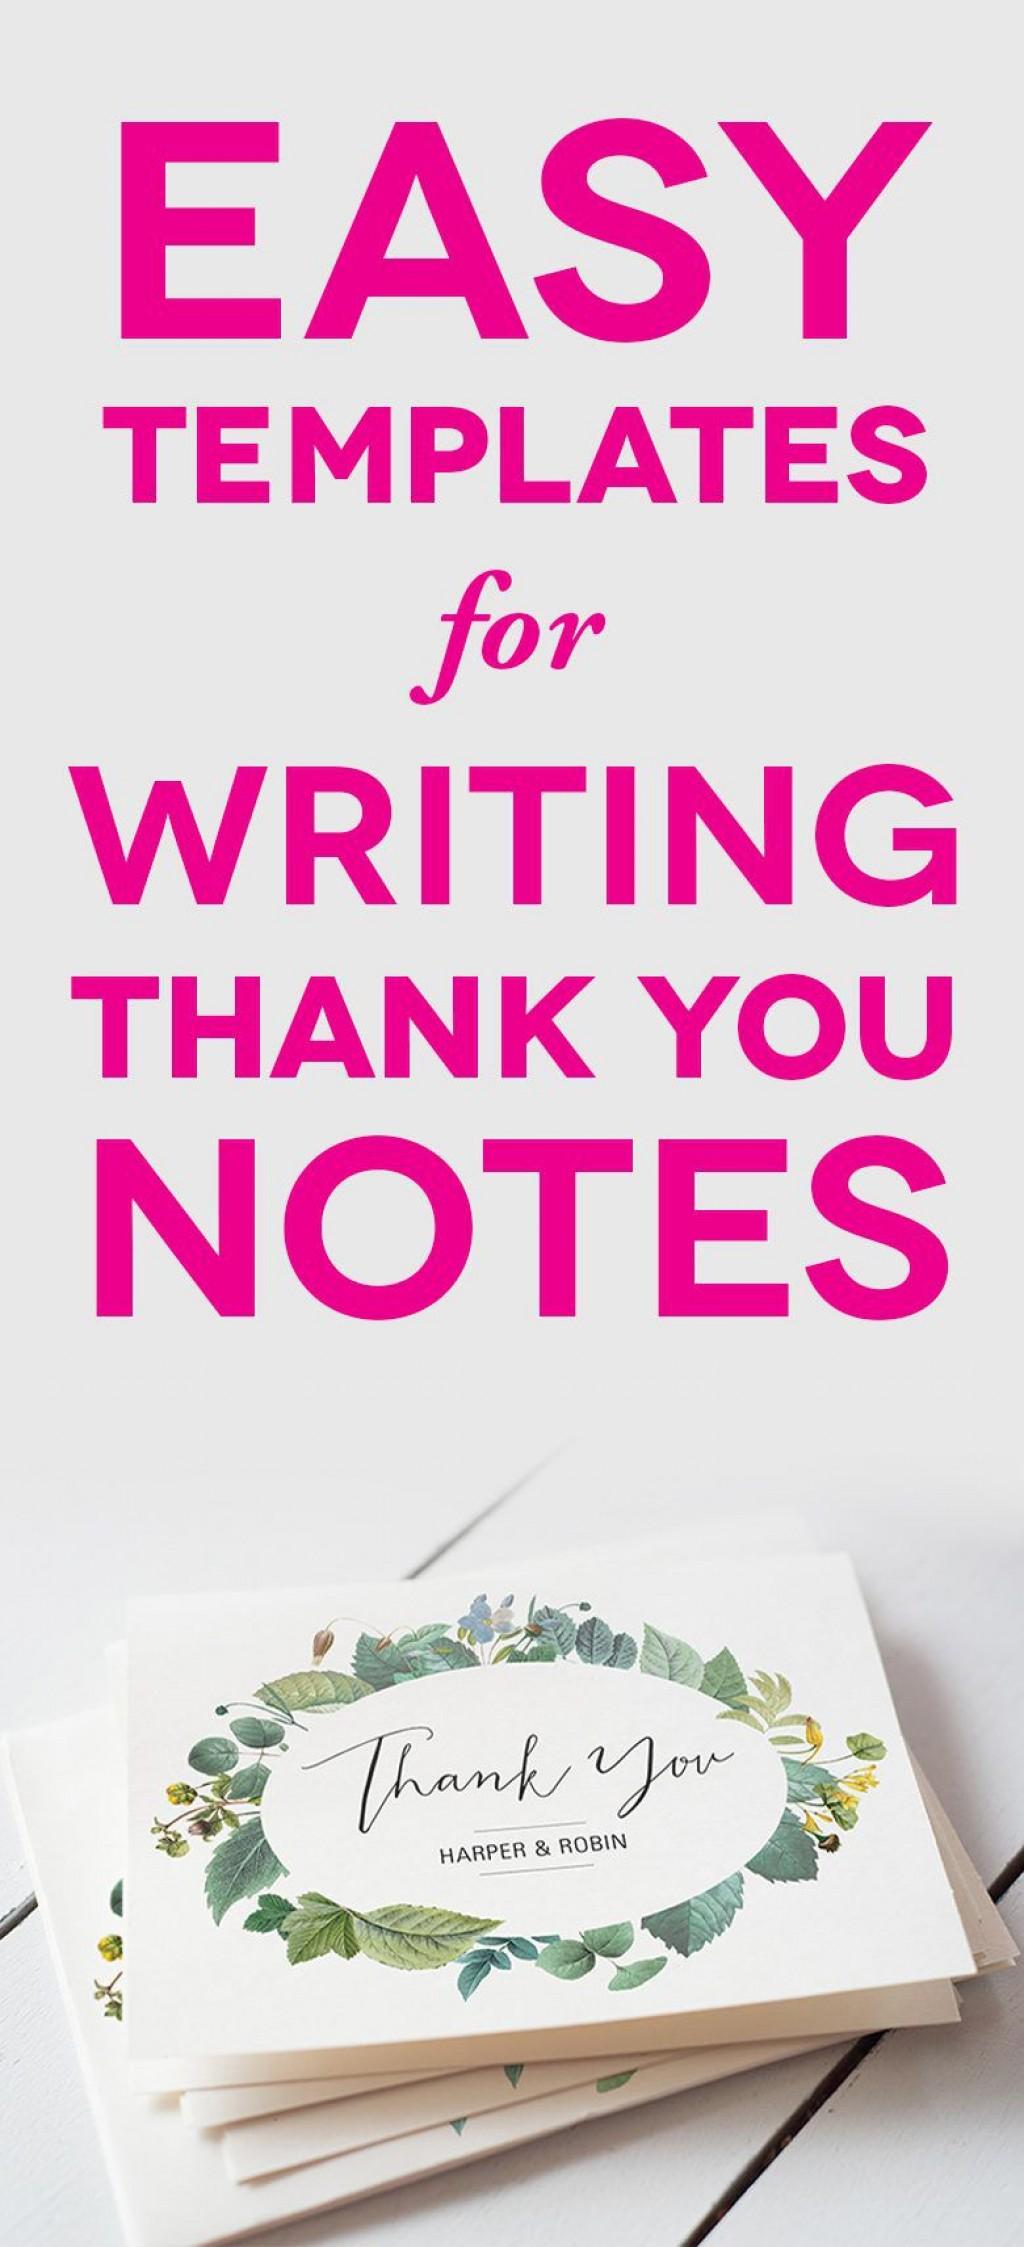 004 Impressive Thank You Note Template Wedding Image  Card Etsy WordingLarge